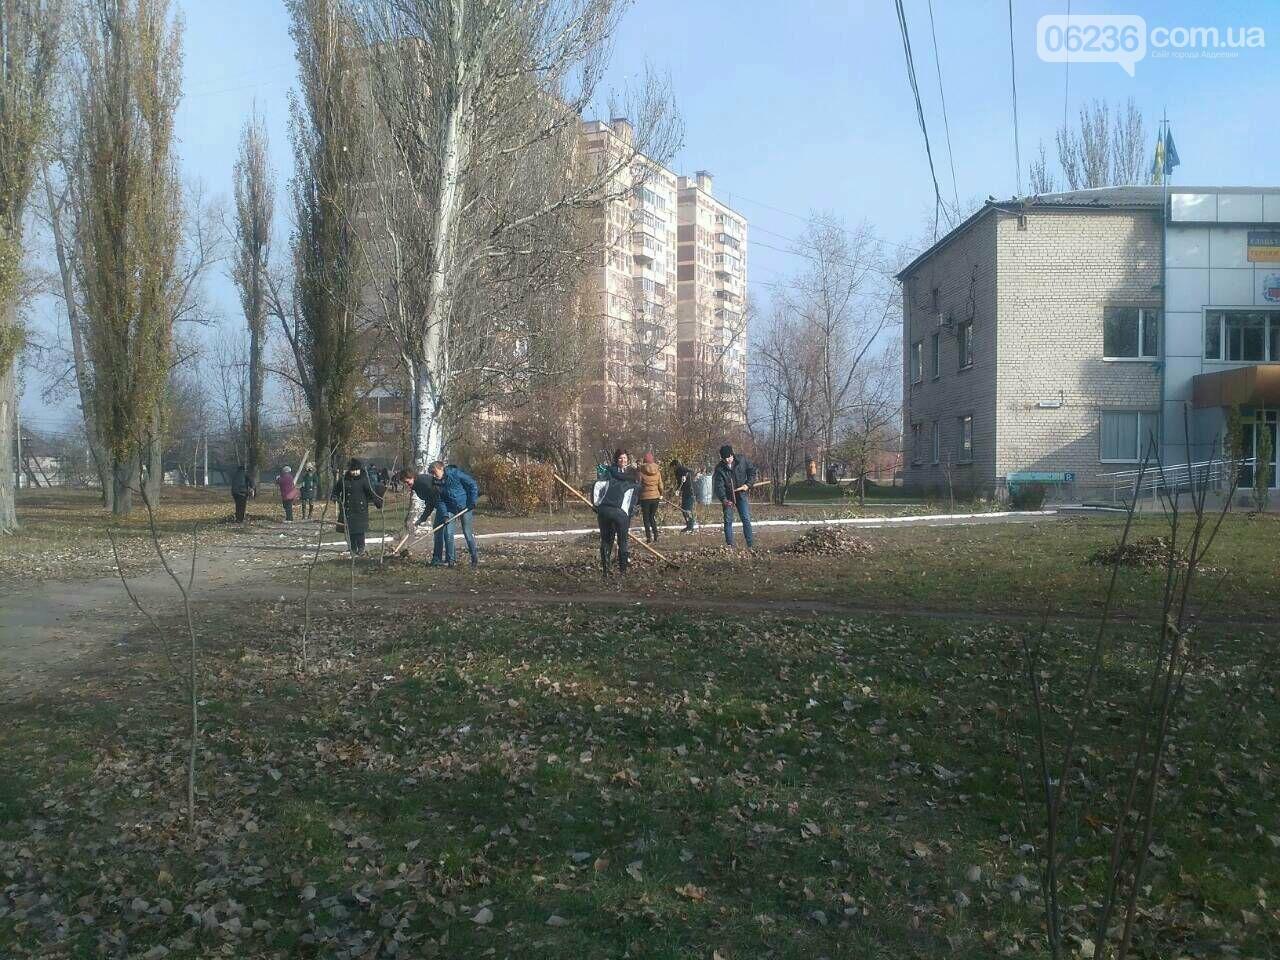 Заводчане АКХЗ присоединились к уборке родного города (ФОТОРЕПОРТАЖ), фото-10